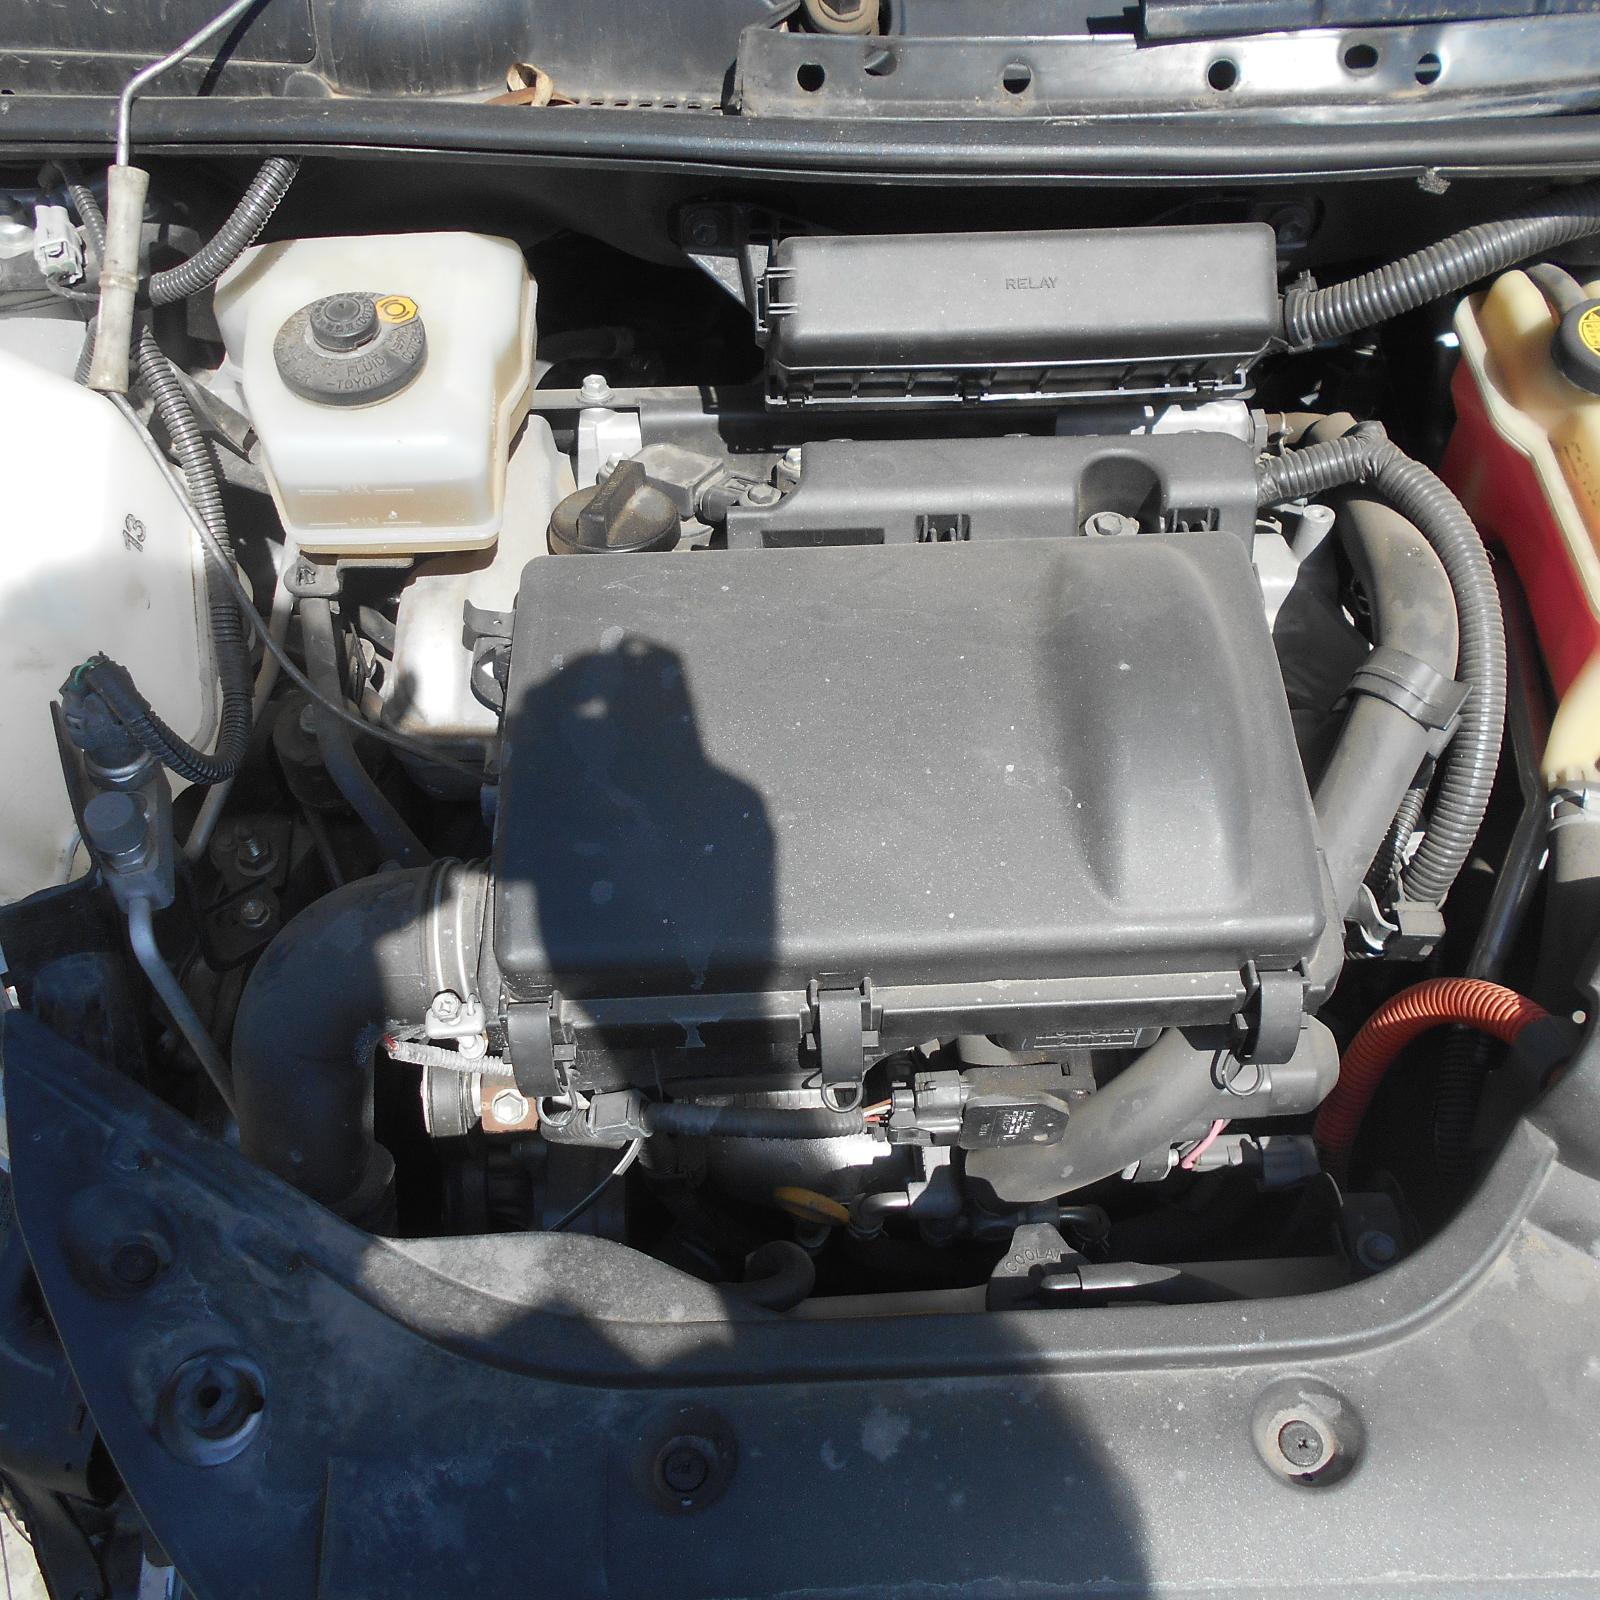 TOYOTA PRIUS, Engine, NHW20R, PETROL, 1.5, 1NZ-FXE, HYBRID, 10/03-05/09